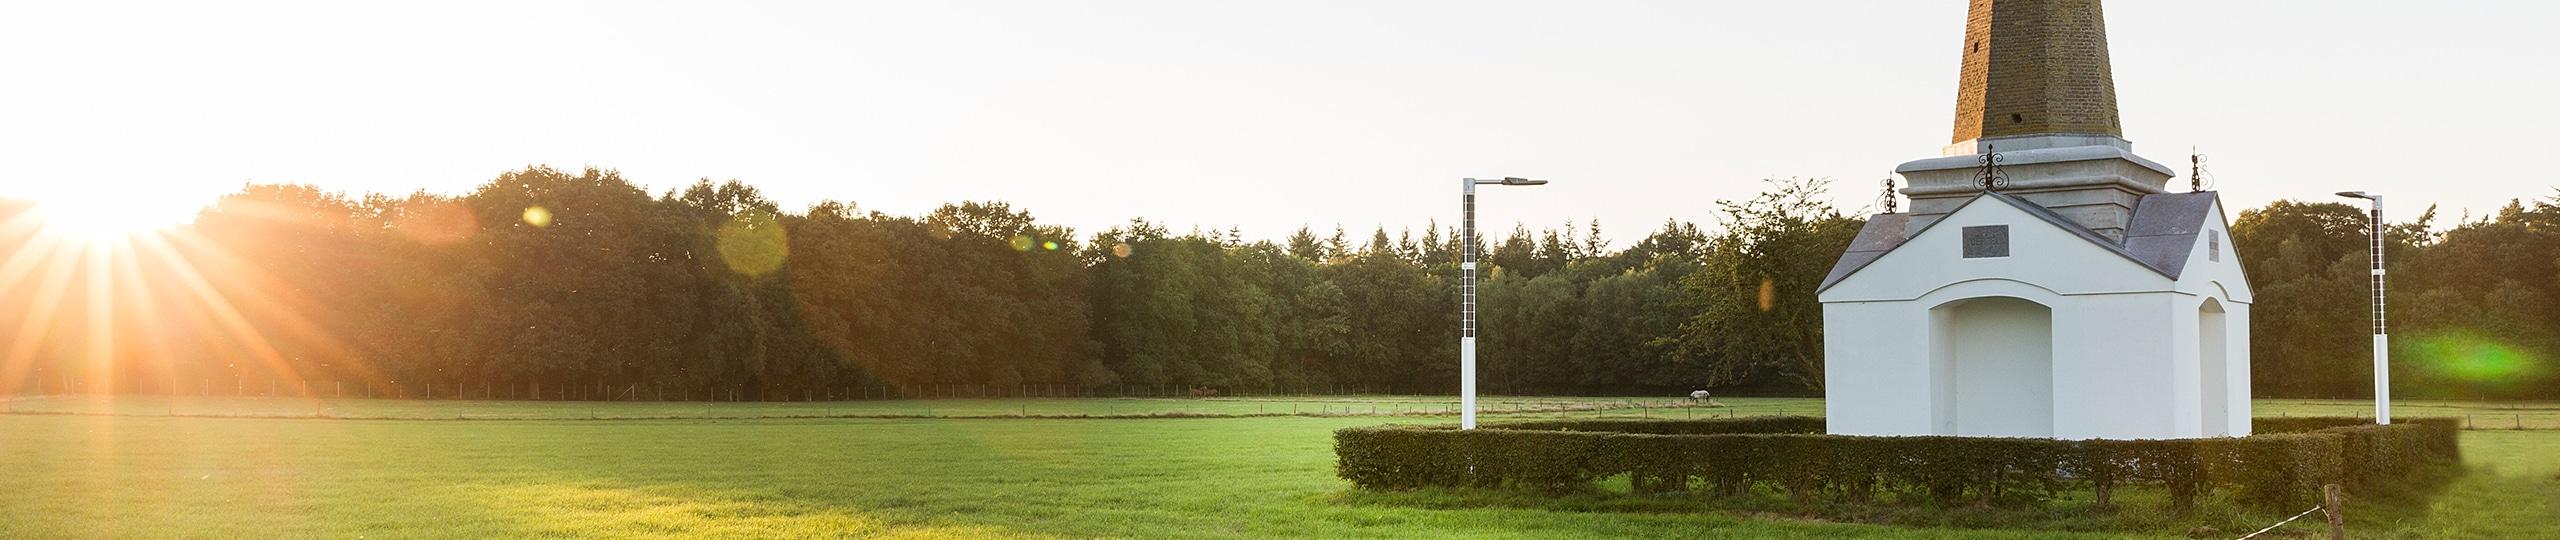 FlexSol Soluxio poste de luz solar de energía solar sostenible de alumbrado publico al atardecer cerca de un monumento